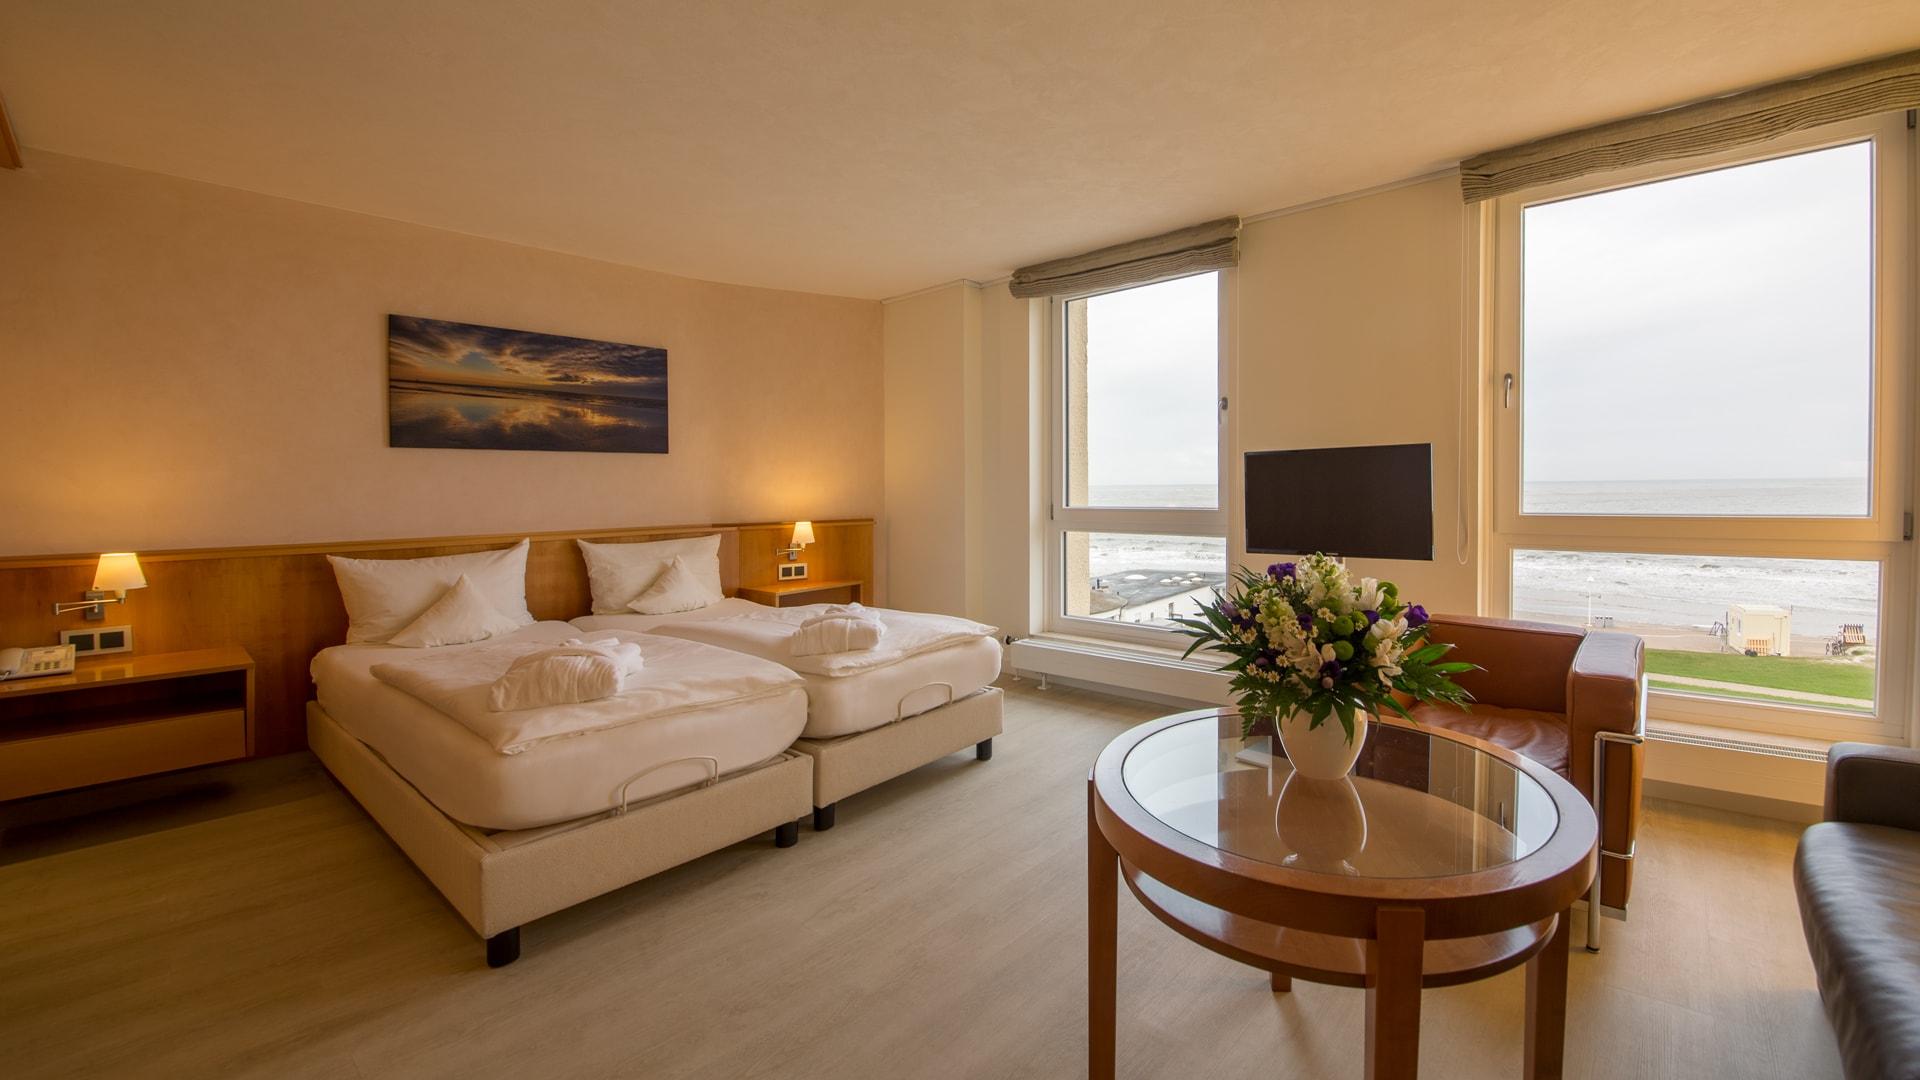 7 Michels_Hotels_Strandhotel_Germania_Familiensuite_Seeseite_Doppelbett